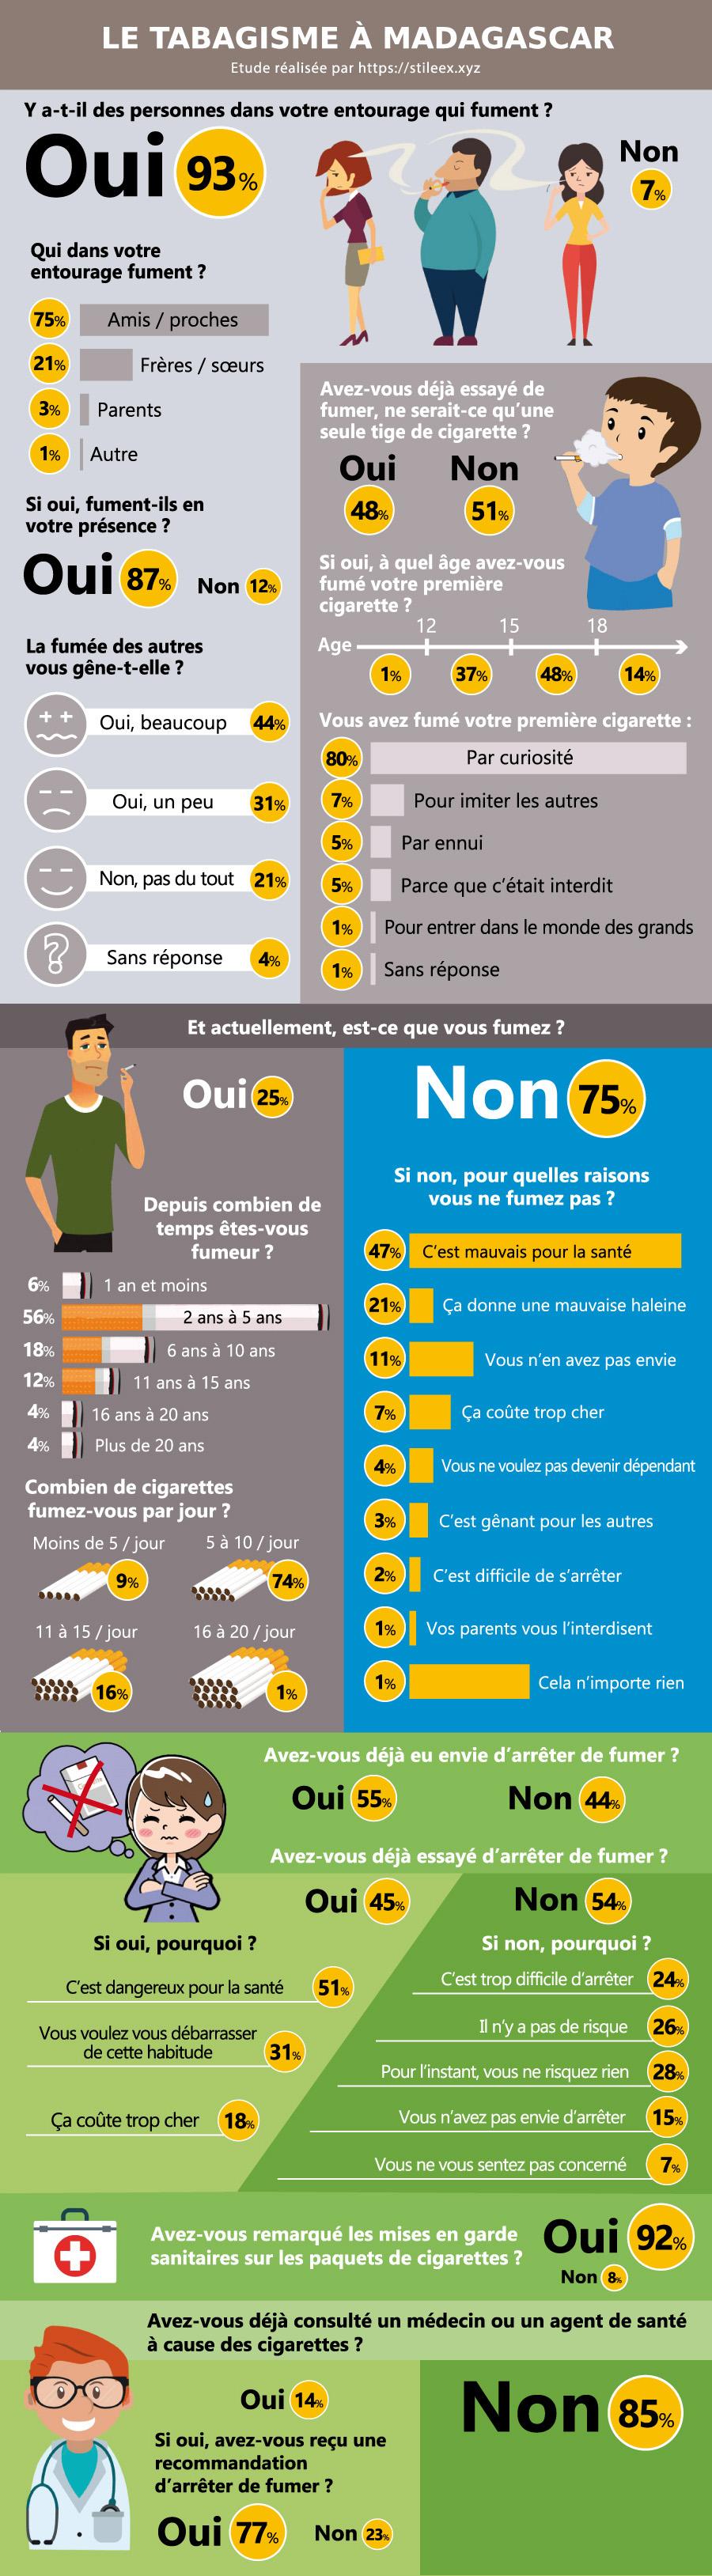 L'avis des Tananariviens sur le tabagisme à Madagascar